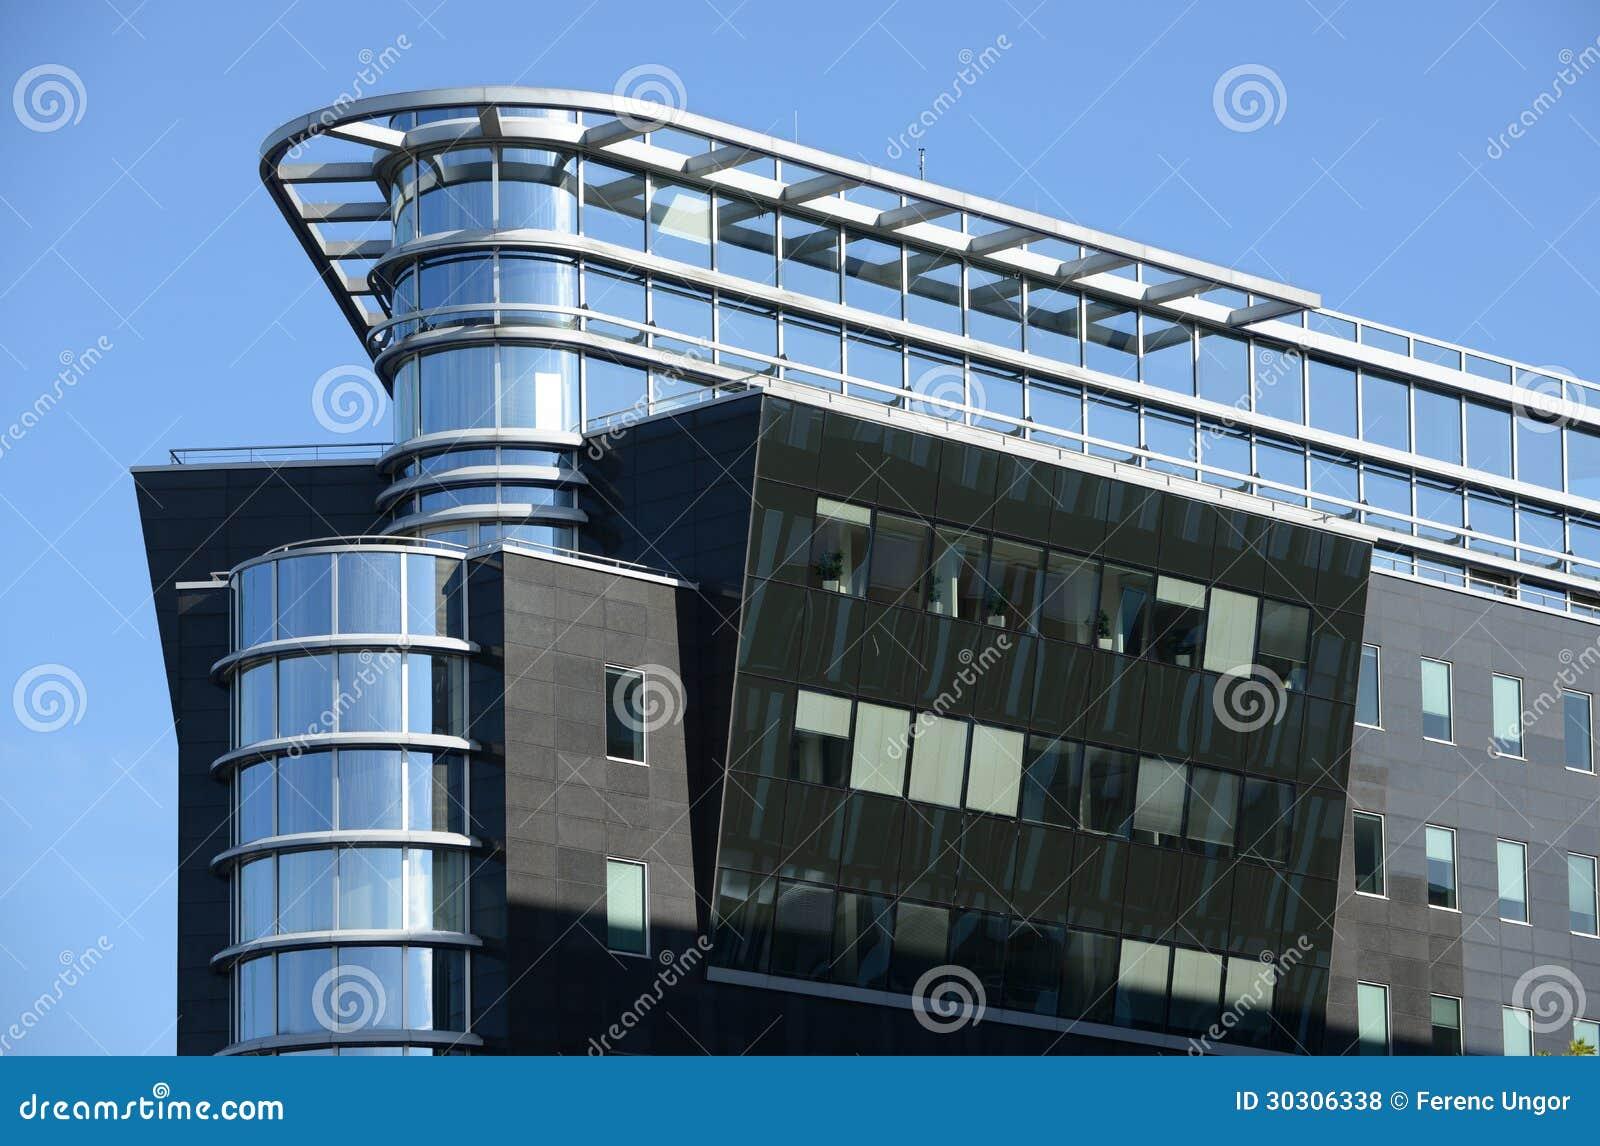 B timent moderne berlin photos libres de droits image 30306338 - Batiment moderne ...